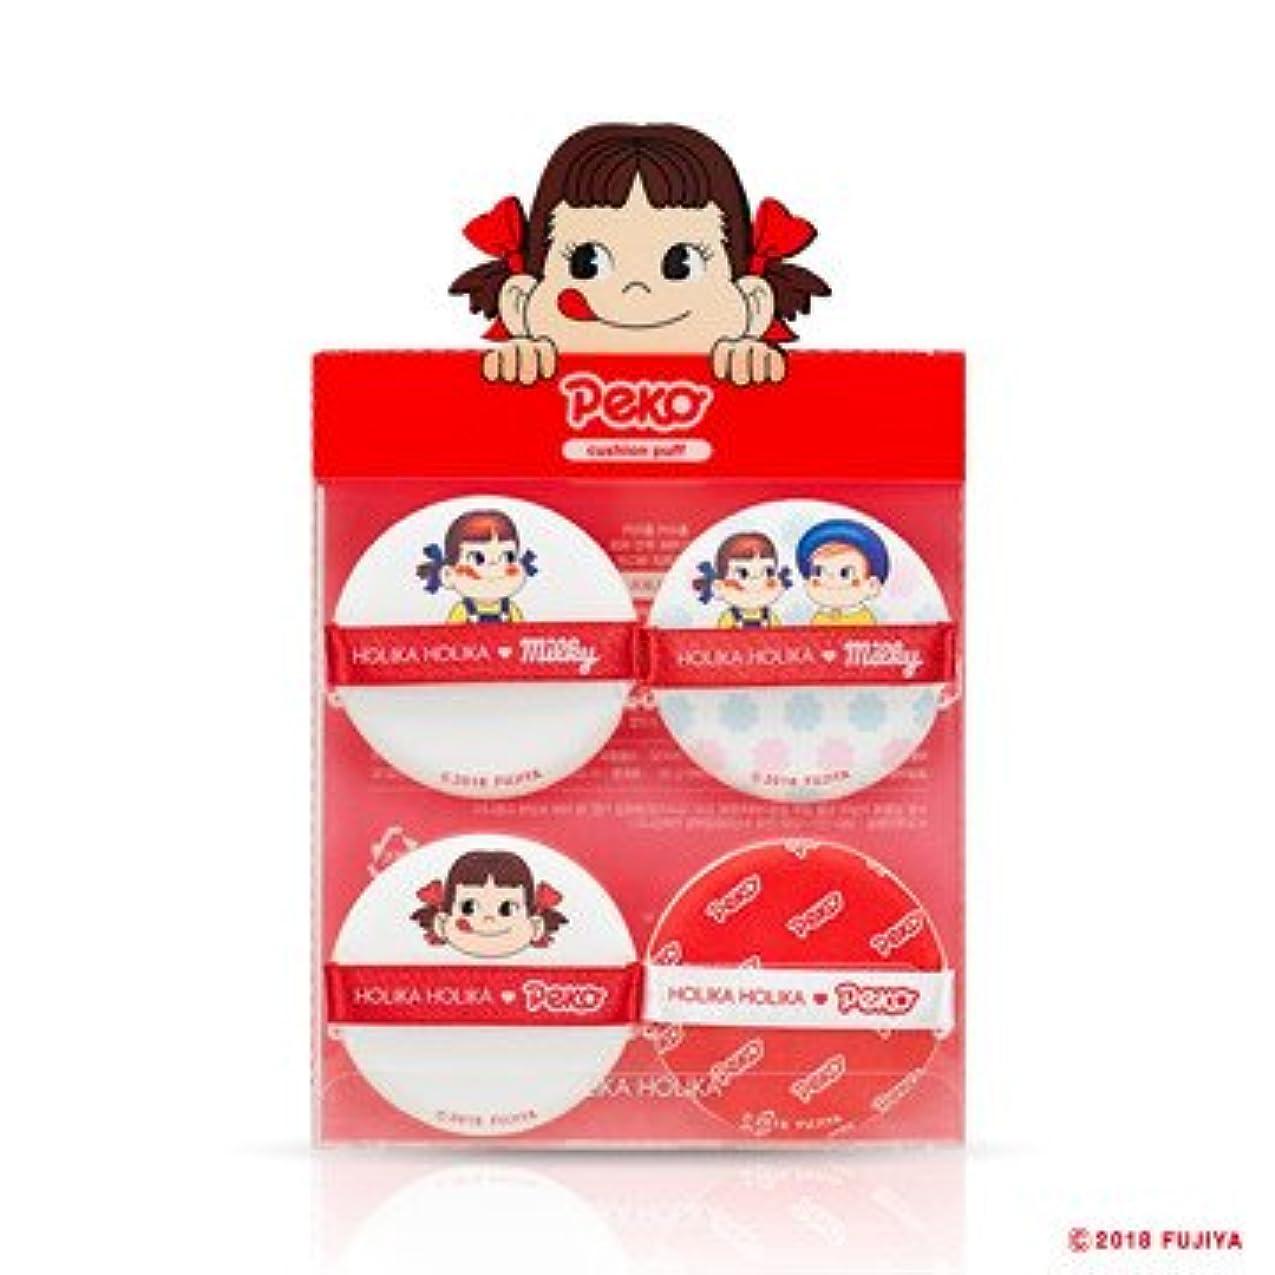 誘惑サイドボード陰気Holika Holika [Sweet Peko Edition] Hard Cover Cushion Puff(4EA)/ホリカホリカ [スイートペコエディション] ハードカバークッションパフ (4枚入り) [並行輸入品]